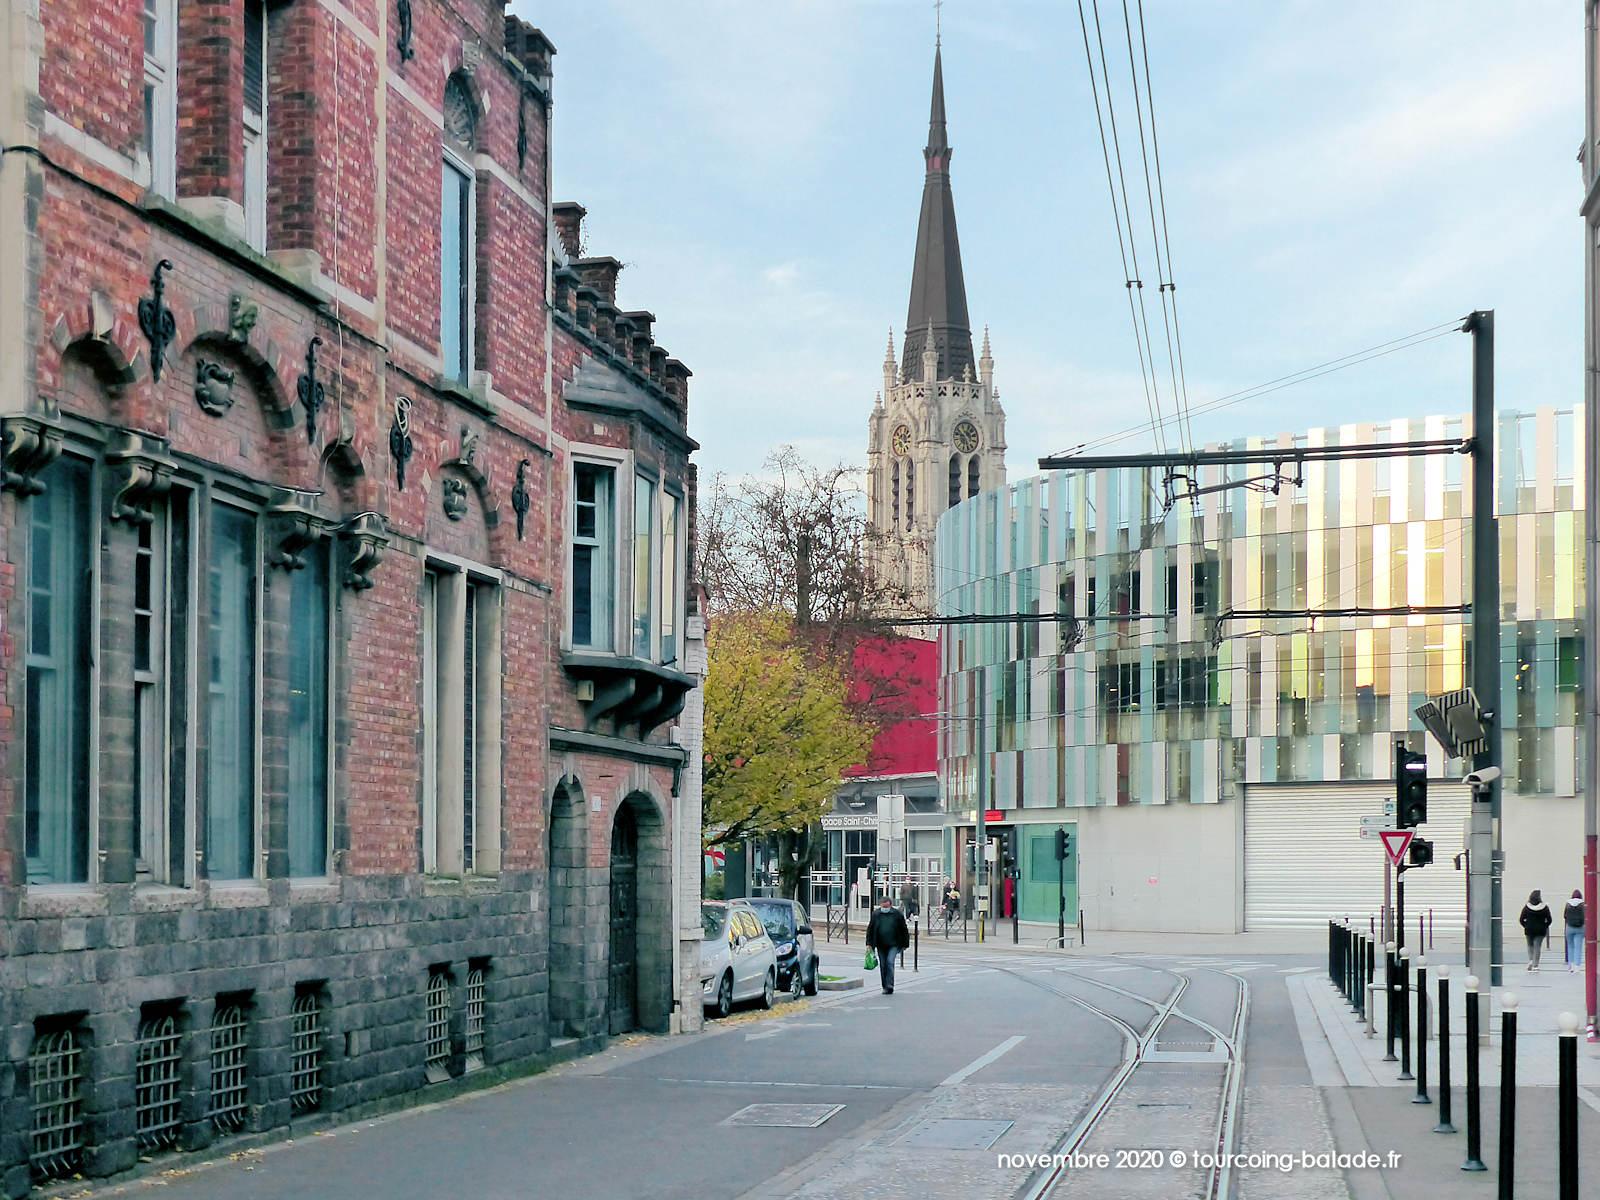 Départ de la rue Chanzy, Tourcoing 2020